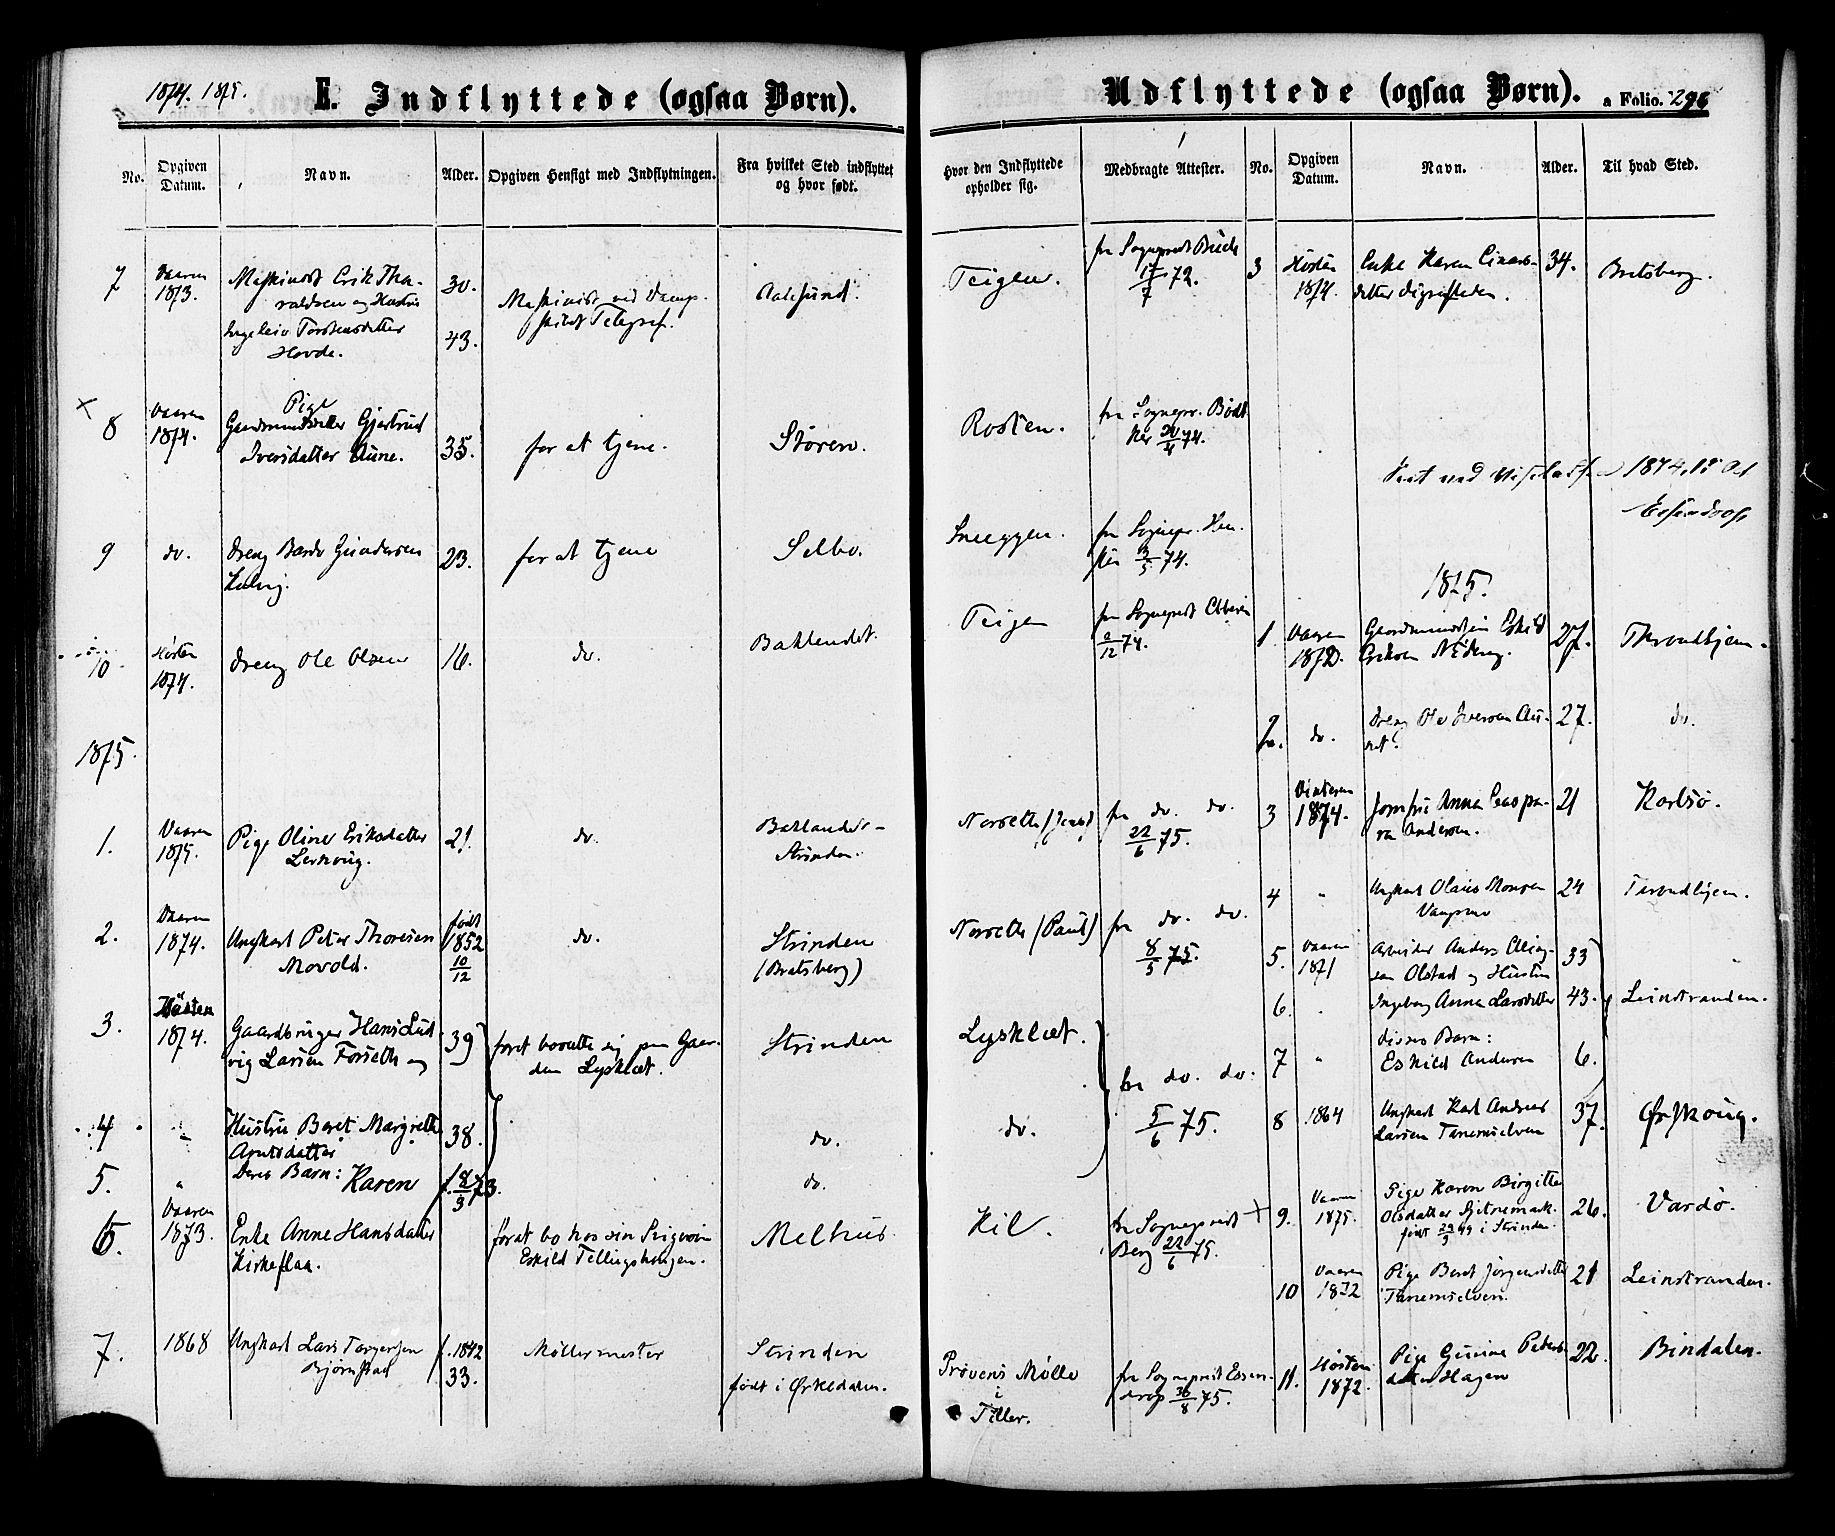 SAT, Ministerialprotokoller, klokkerbøker og fødselsregistre - Sør-Trøndelag, 618/L0442: Ministerialbok nr. 618A06 /1, 1863-1879, s. 296